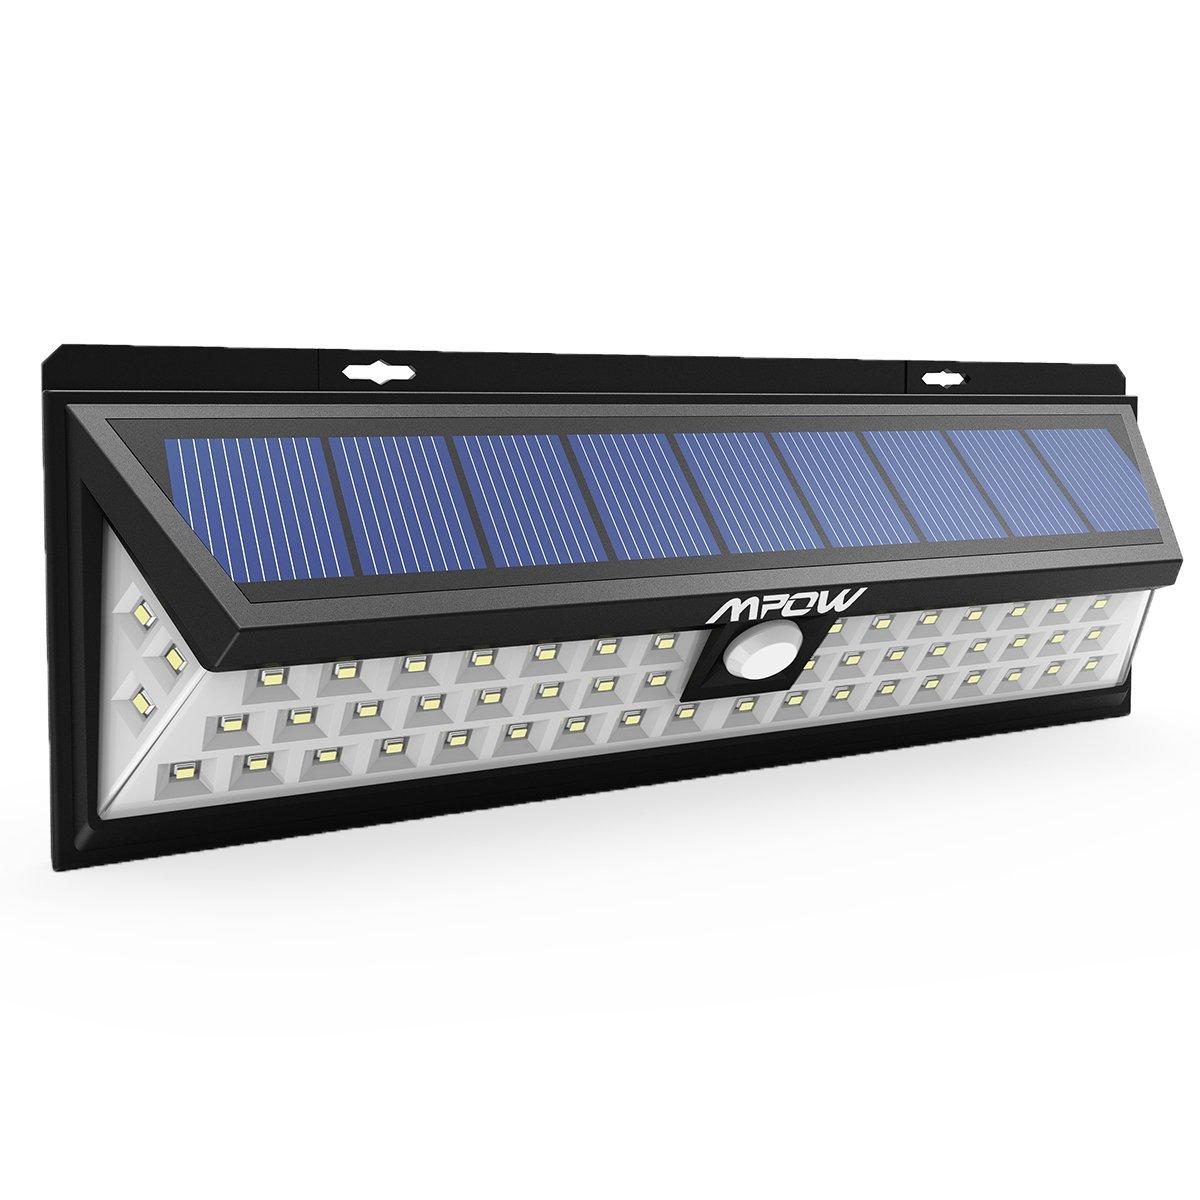 [Amazon UK] Mpow 1 Stück 54 LED Solarleuchte Außen Wasserdichte Solar Betriebene Lampe mit 120° Weitwinkel Bewegungs Sensor Solar für Garten, Terrasse, Wegbeleuchtung